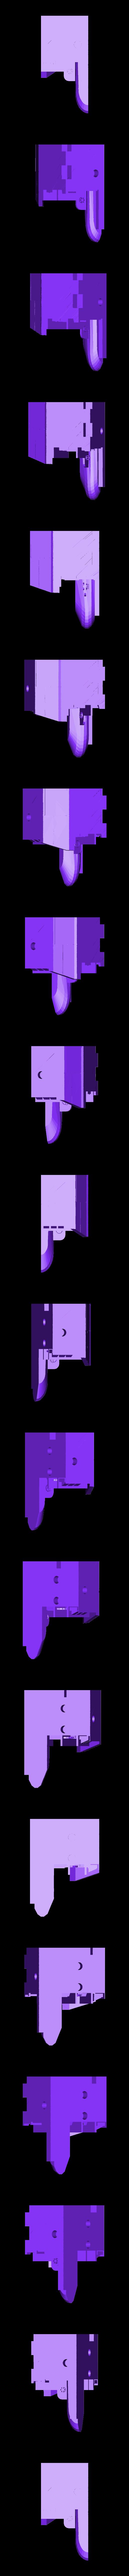 Rear_MidAB.stl Télécharger fichier STL gratuit Frégate Nebulon B (coupée et sectionnée) • Modèle pour impression 3D, Masterkookus